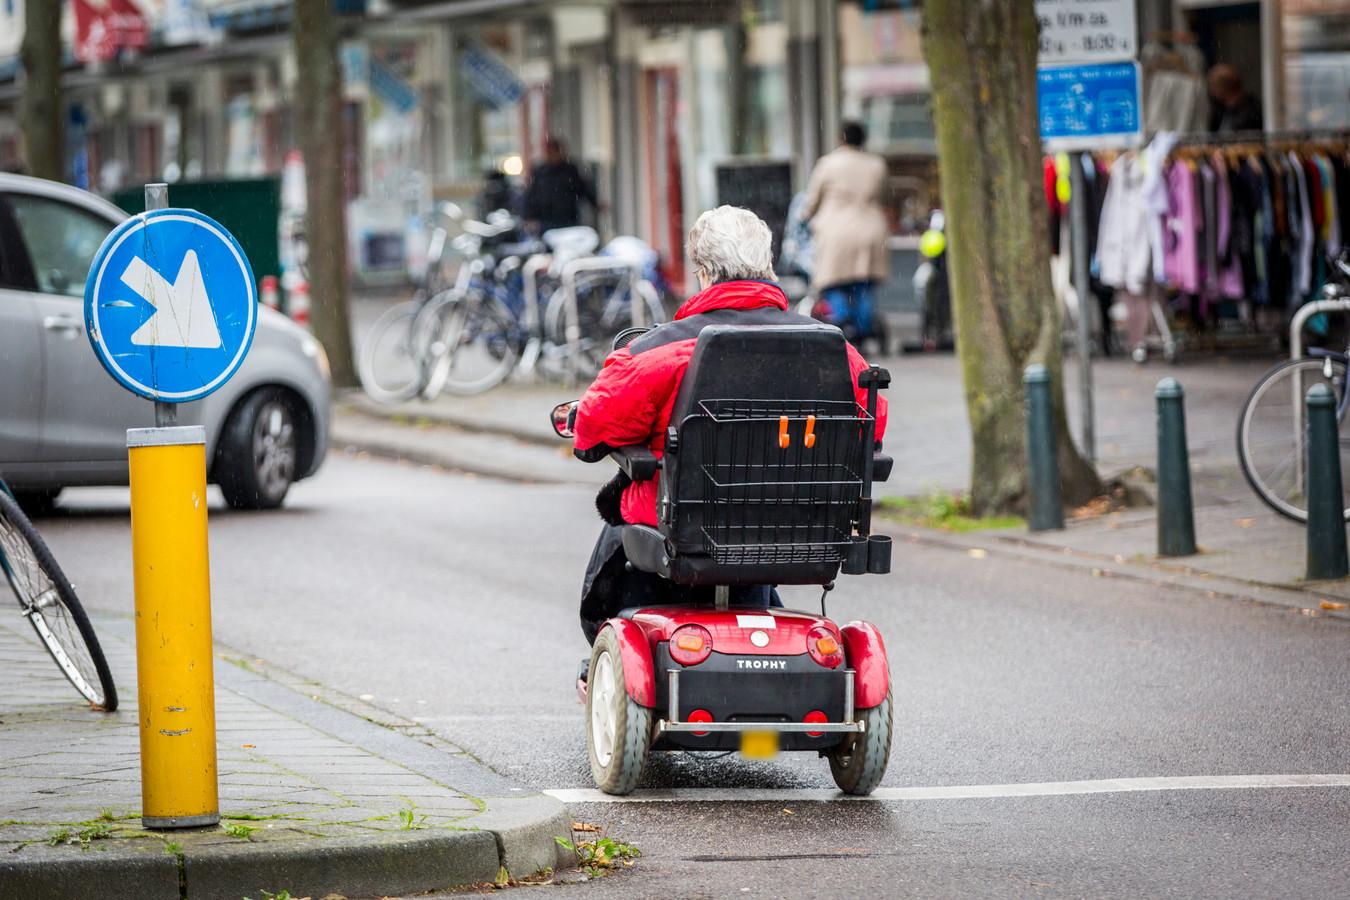 De Haagse wijk Moerwijk. Bewoners van deze wijk declareren 27 procent meer zorgkosten dan andere Nederlanders van dezelfde leeftijd. Daarmee is de wijk, gemeten naar de kosten, de ongezondste van Nederland